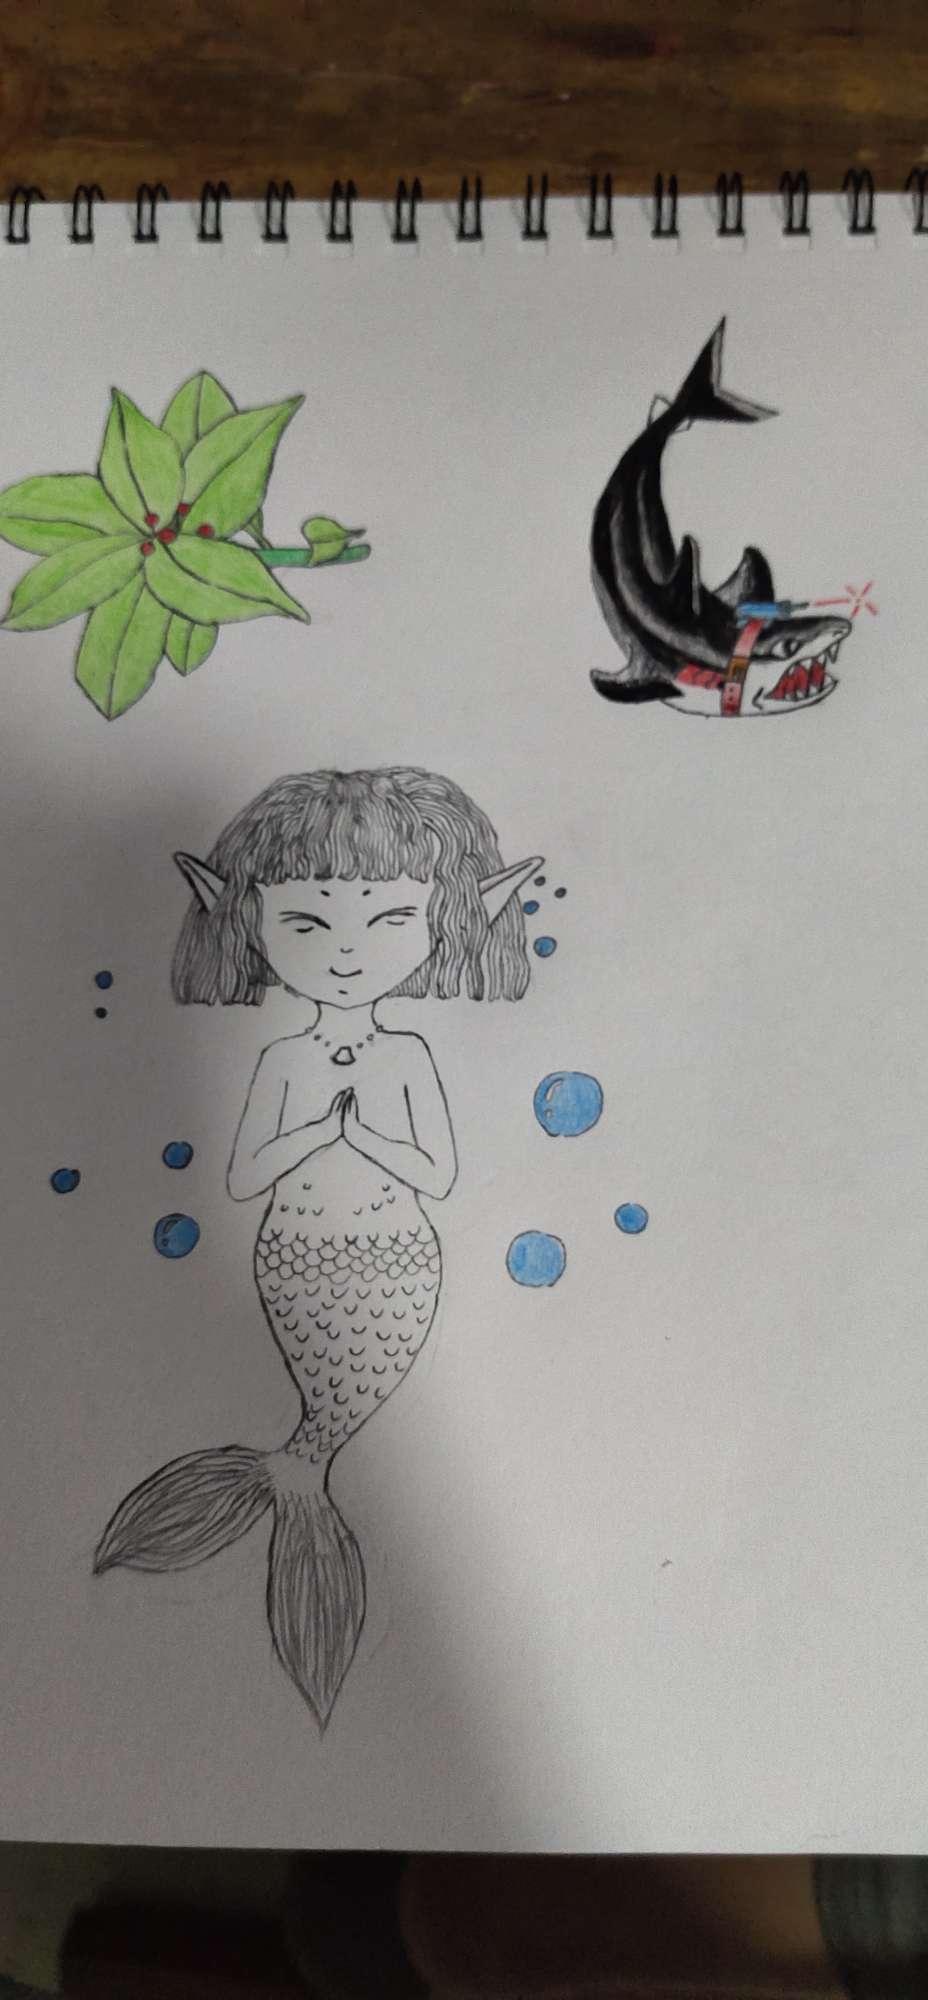 【手绘】我裂开了啊,花 少年动漫图片